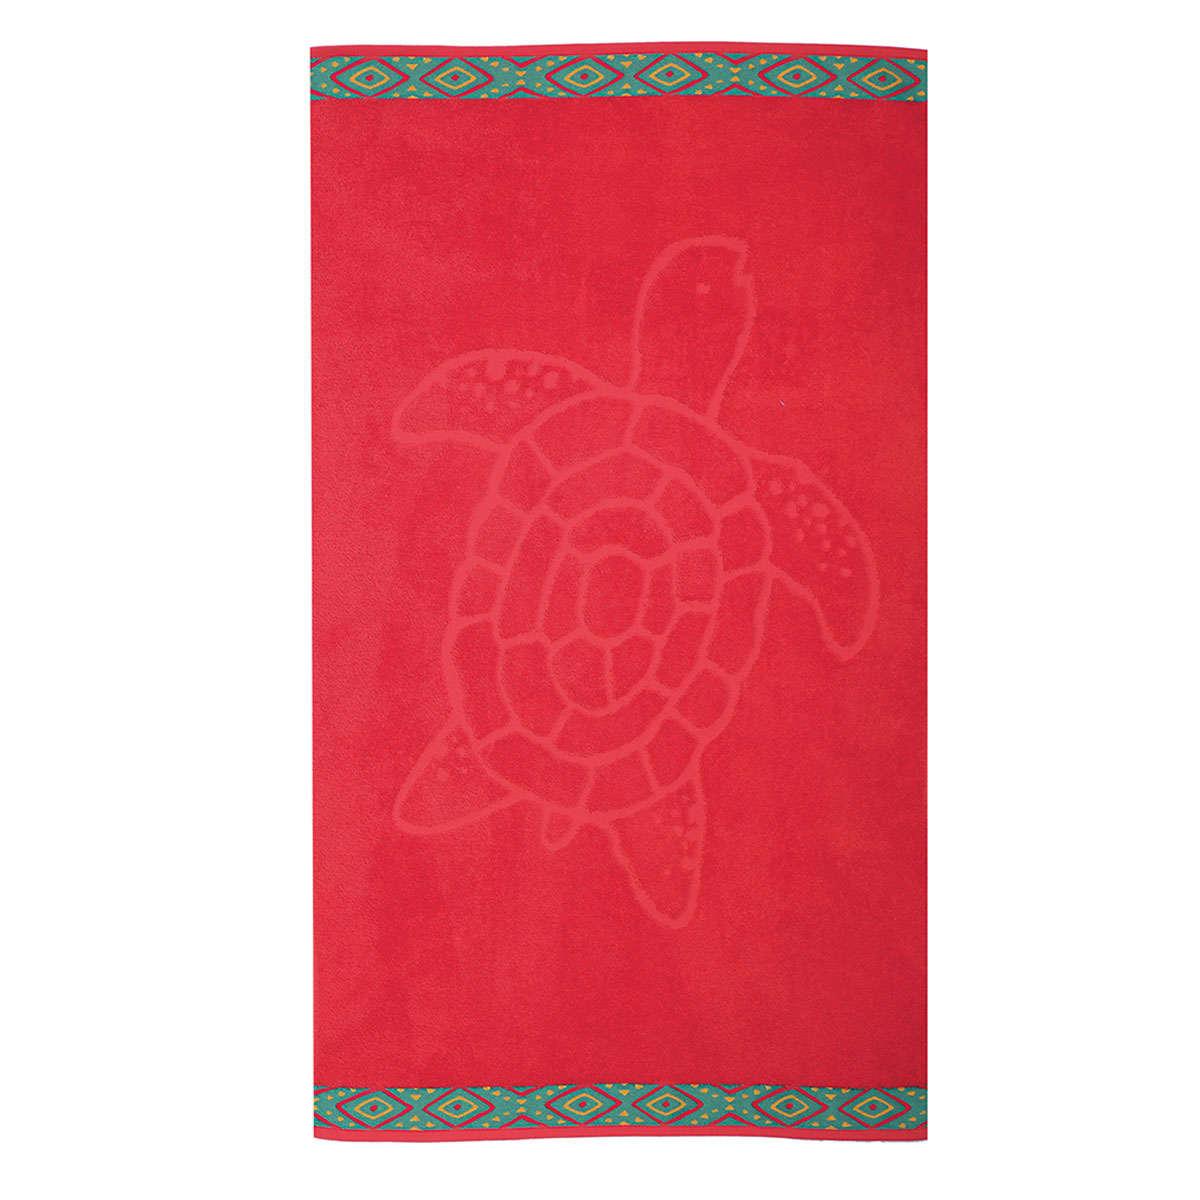 Πετσέτα Θαλάσσης Turtle Red Nef-Nef Θαλάσσης 70x120cm